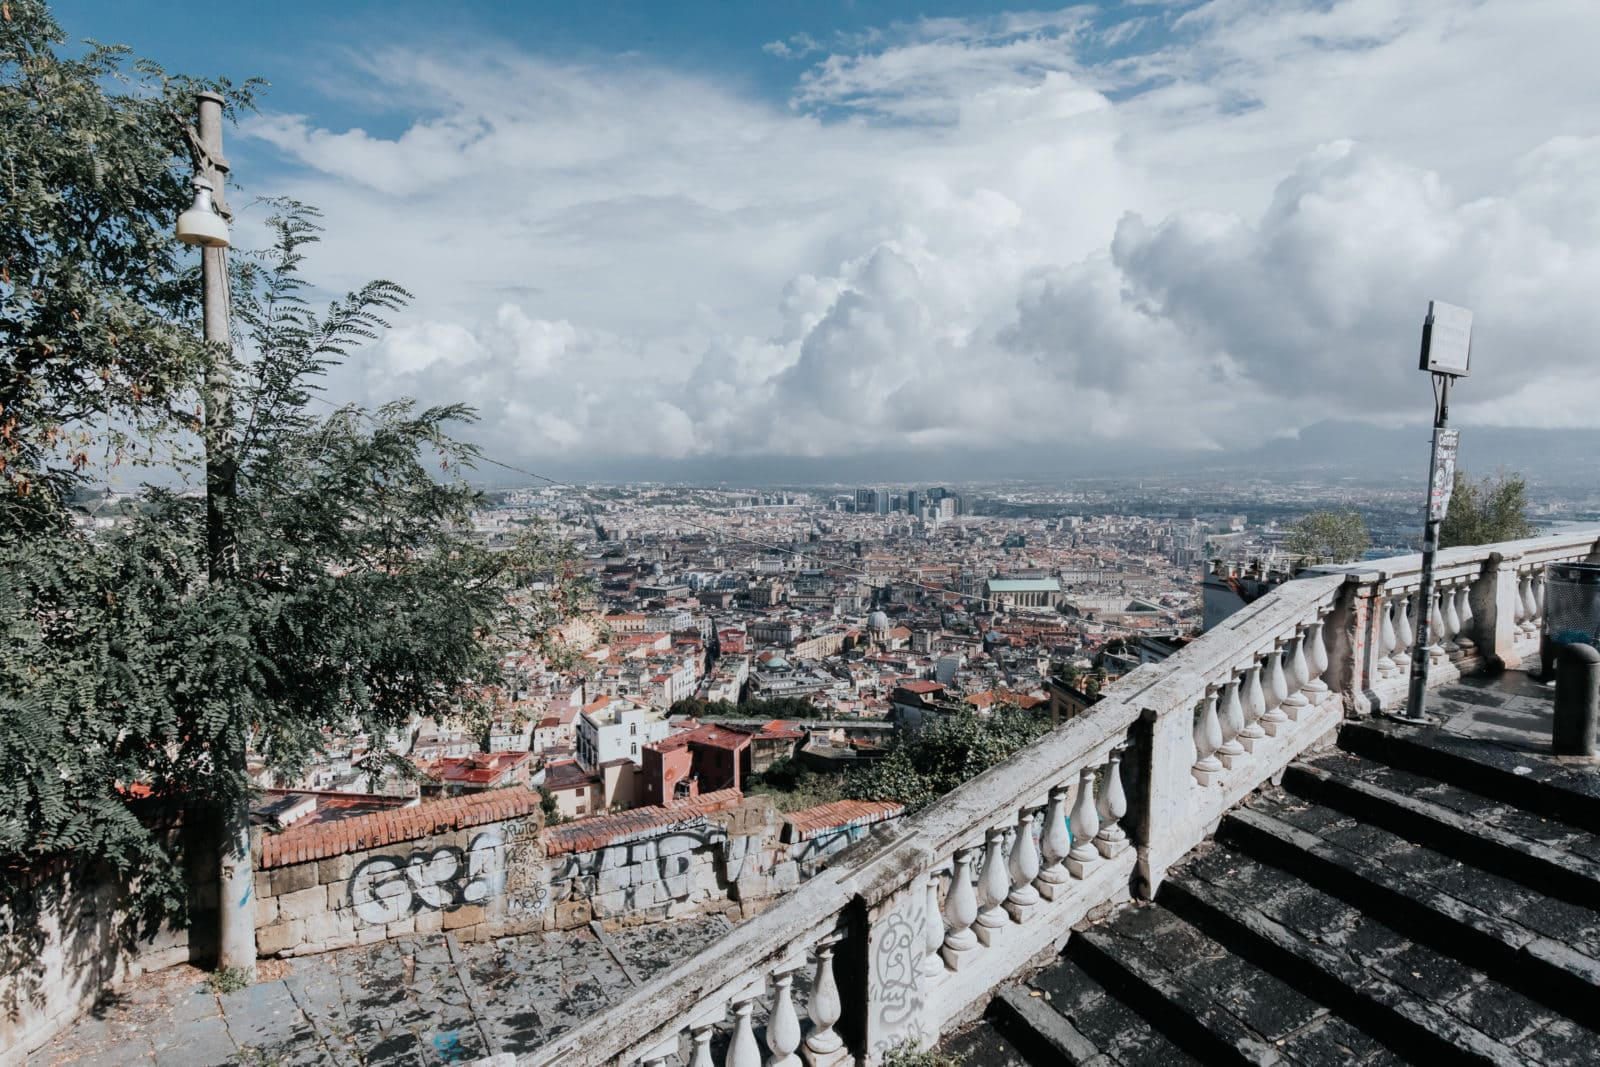 Neapel Sehenswürdigkeiten Aussicht Castell Sant Elmo Vomero